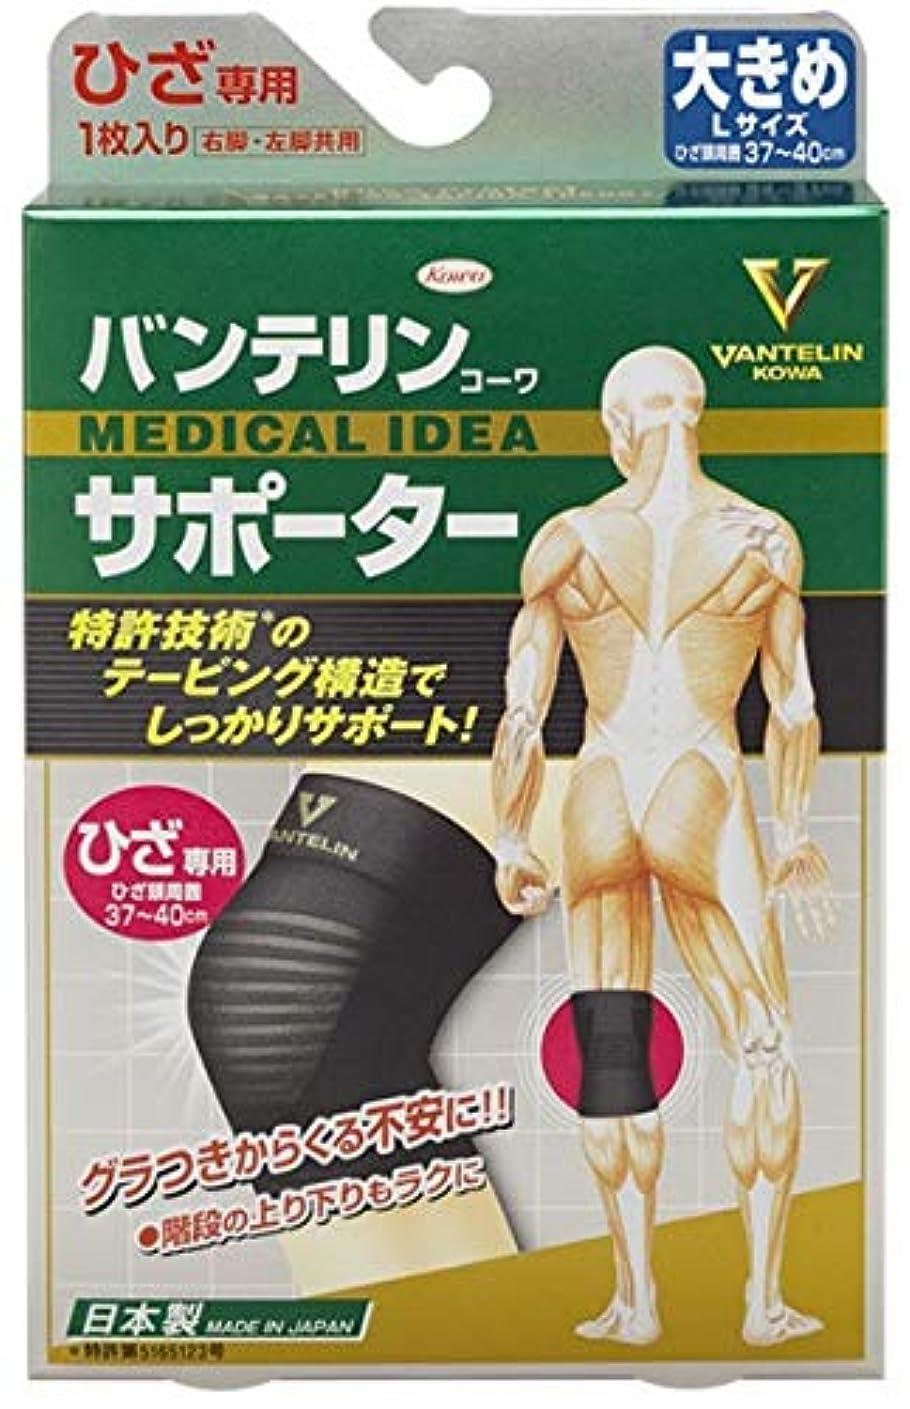 光沢のあるスケートく興和(コーワ) バンテリンコーワサポーター ひざ専用 大きめLサイズ ブラック